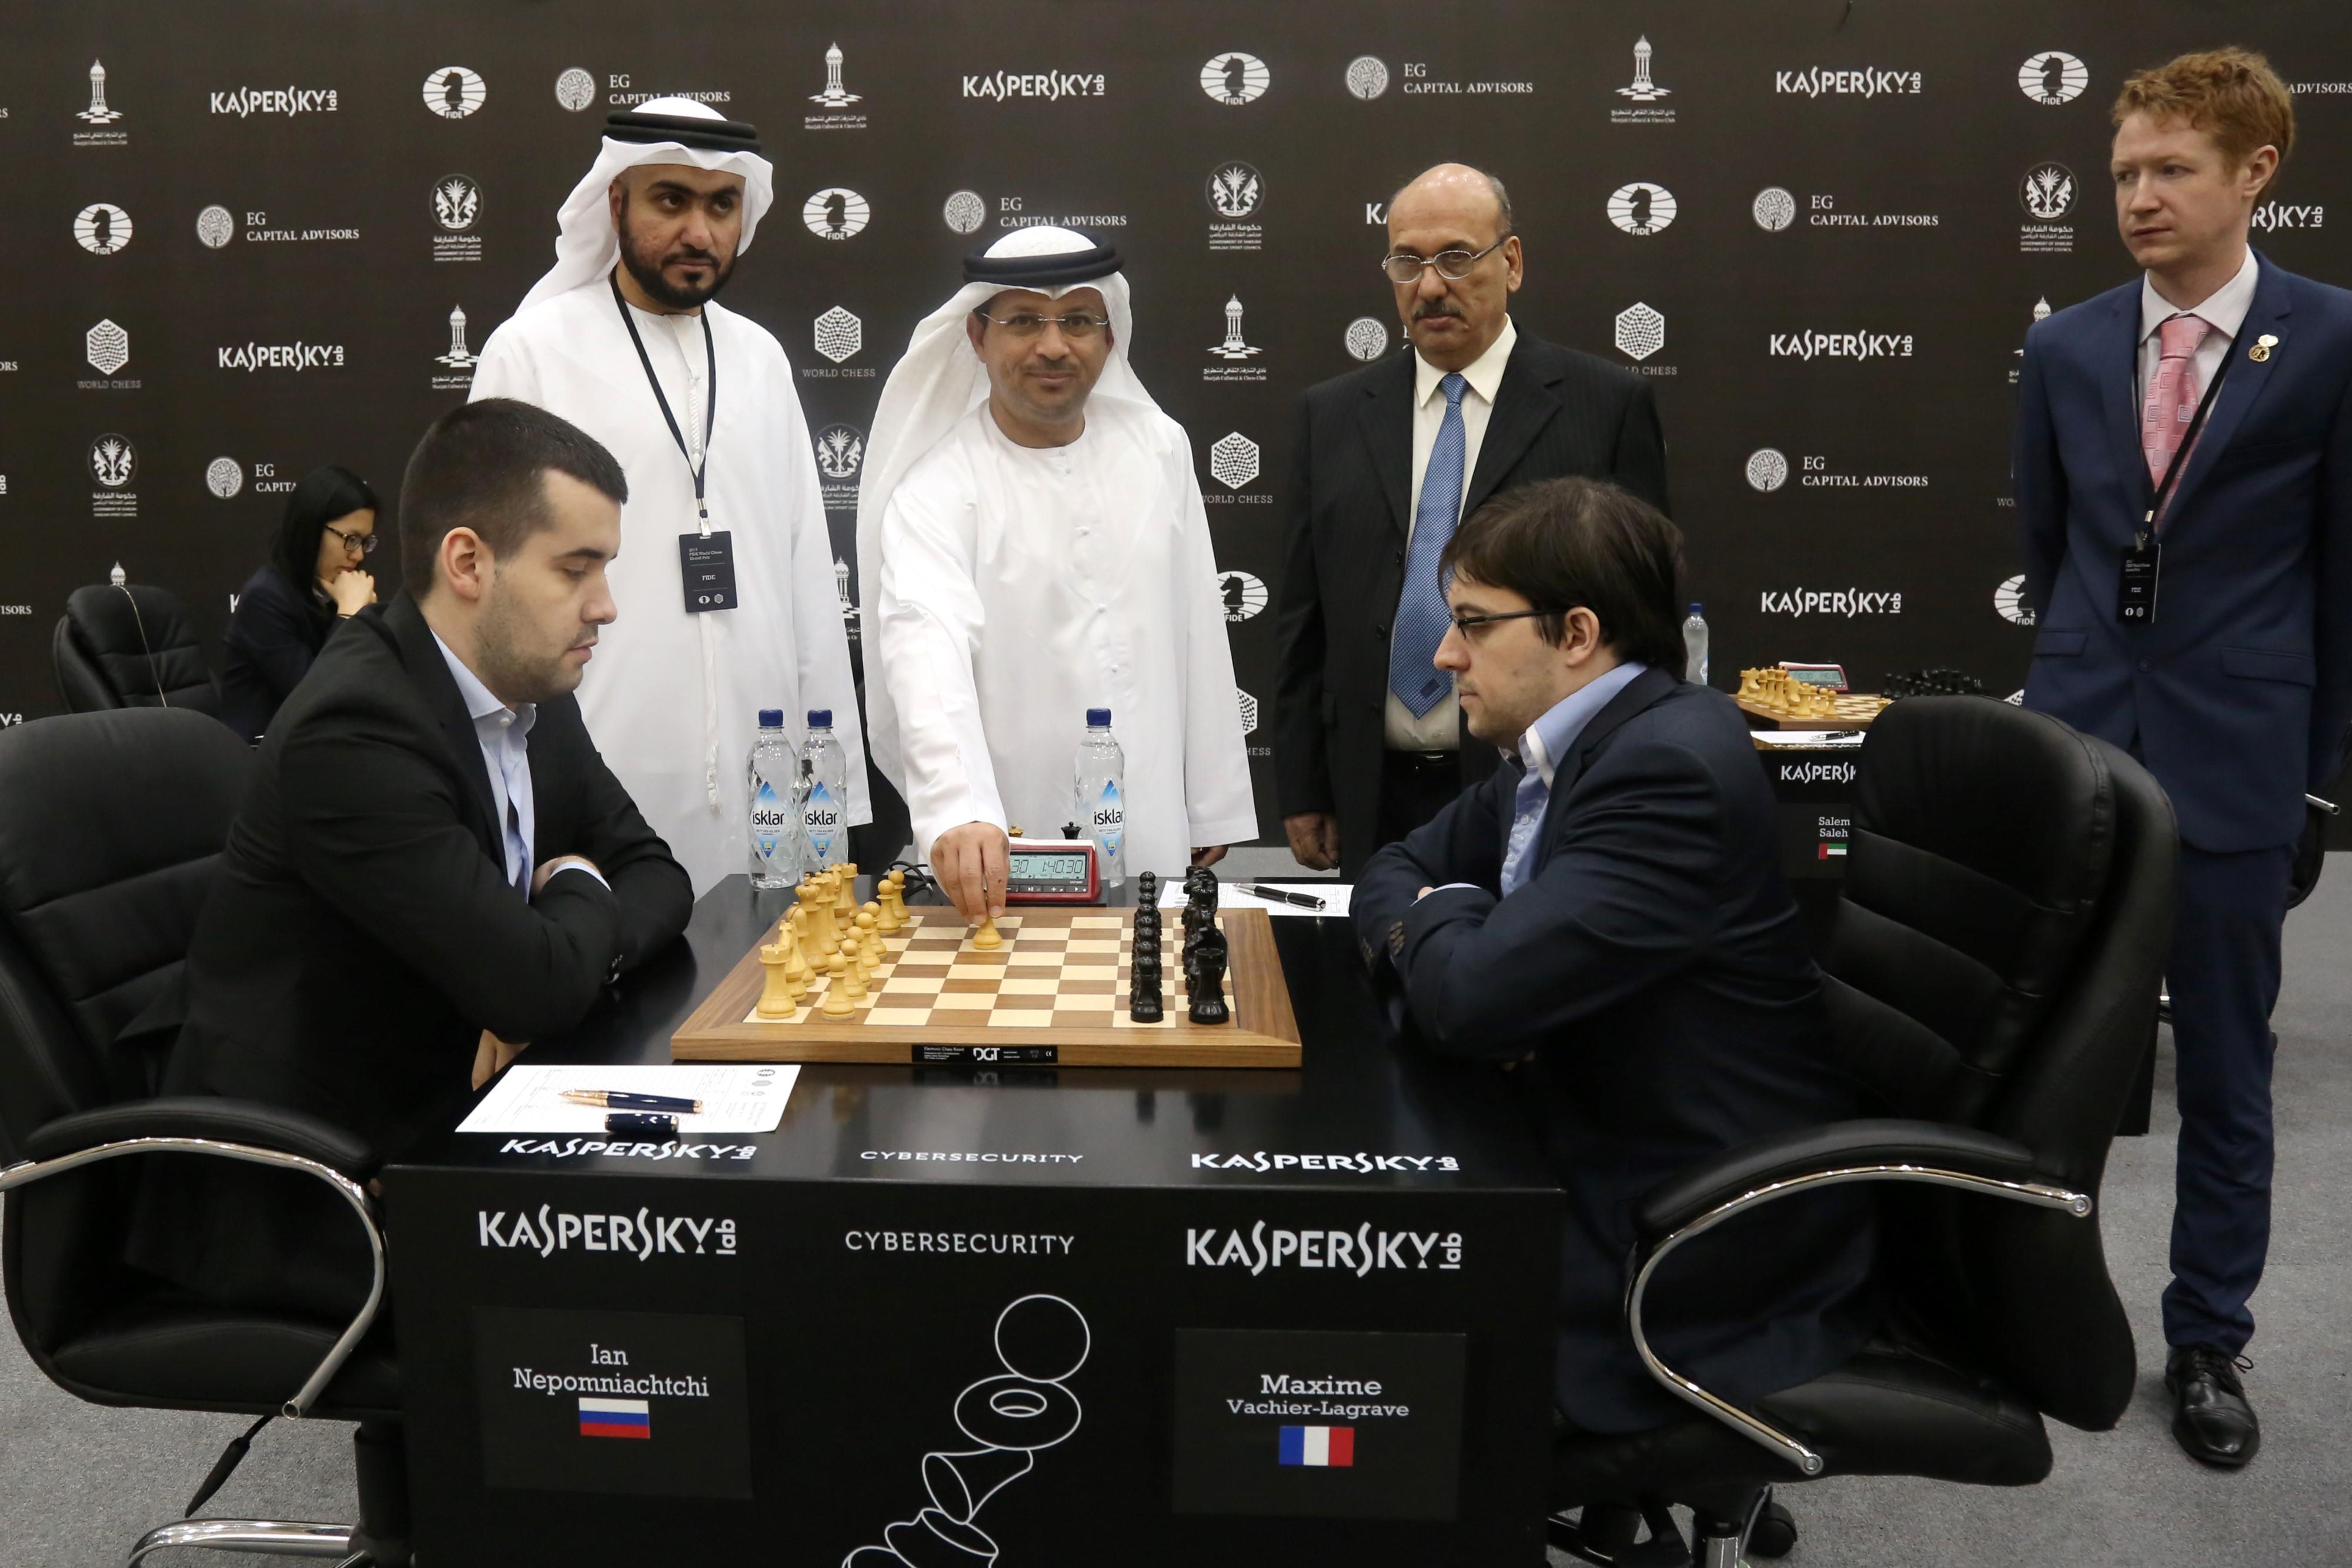 الجولة الثامنة من بطولة العالم للجائزة الكبرى للشطرنج